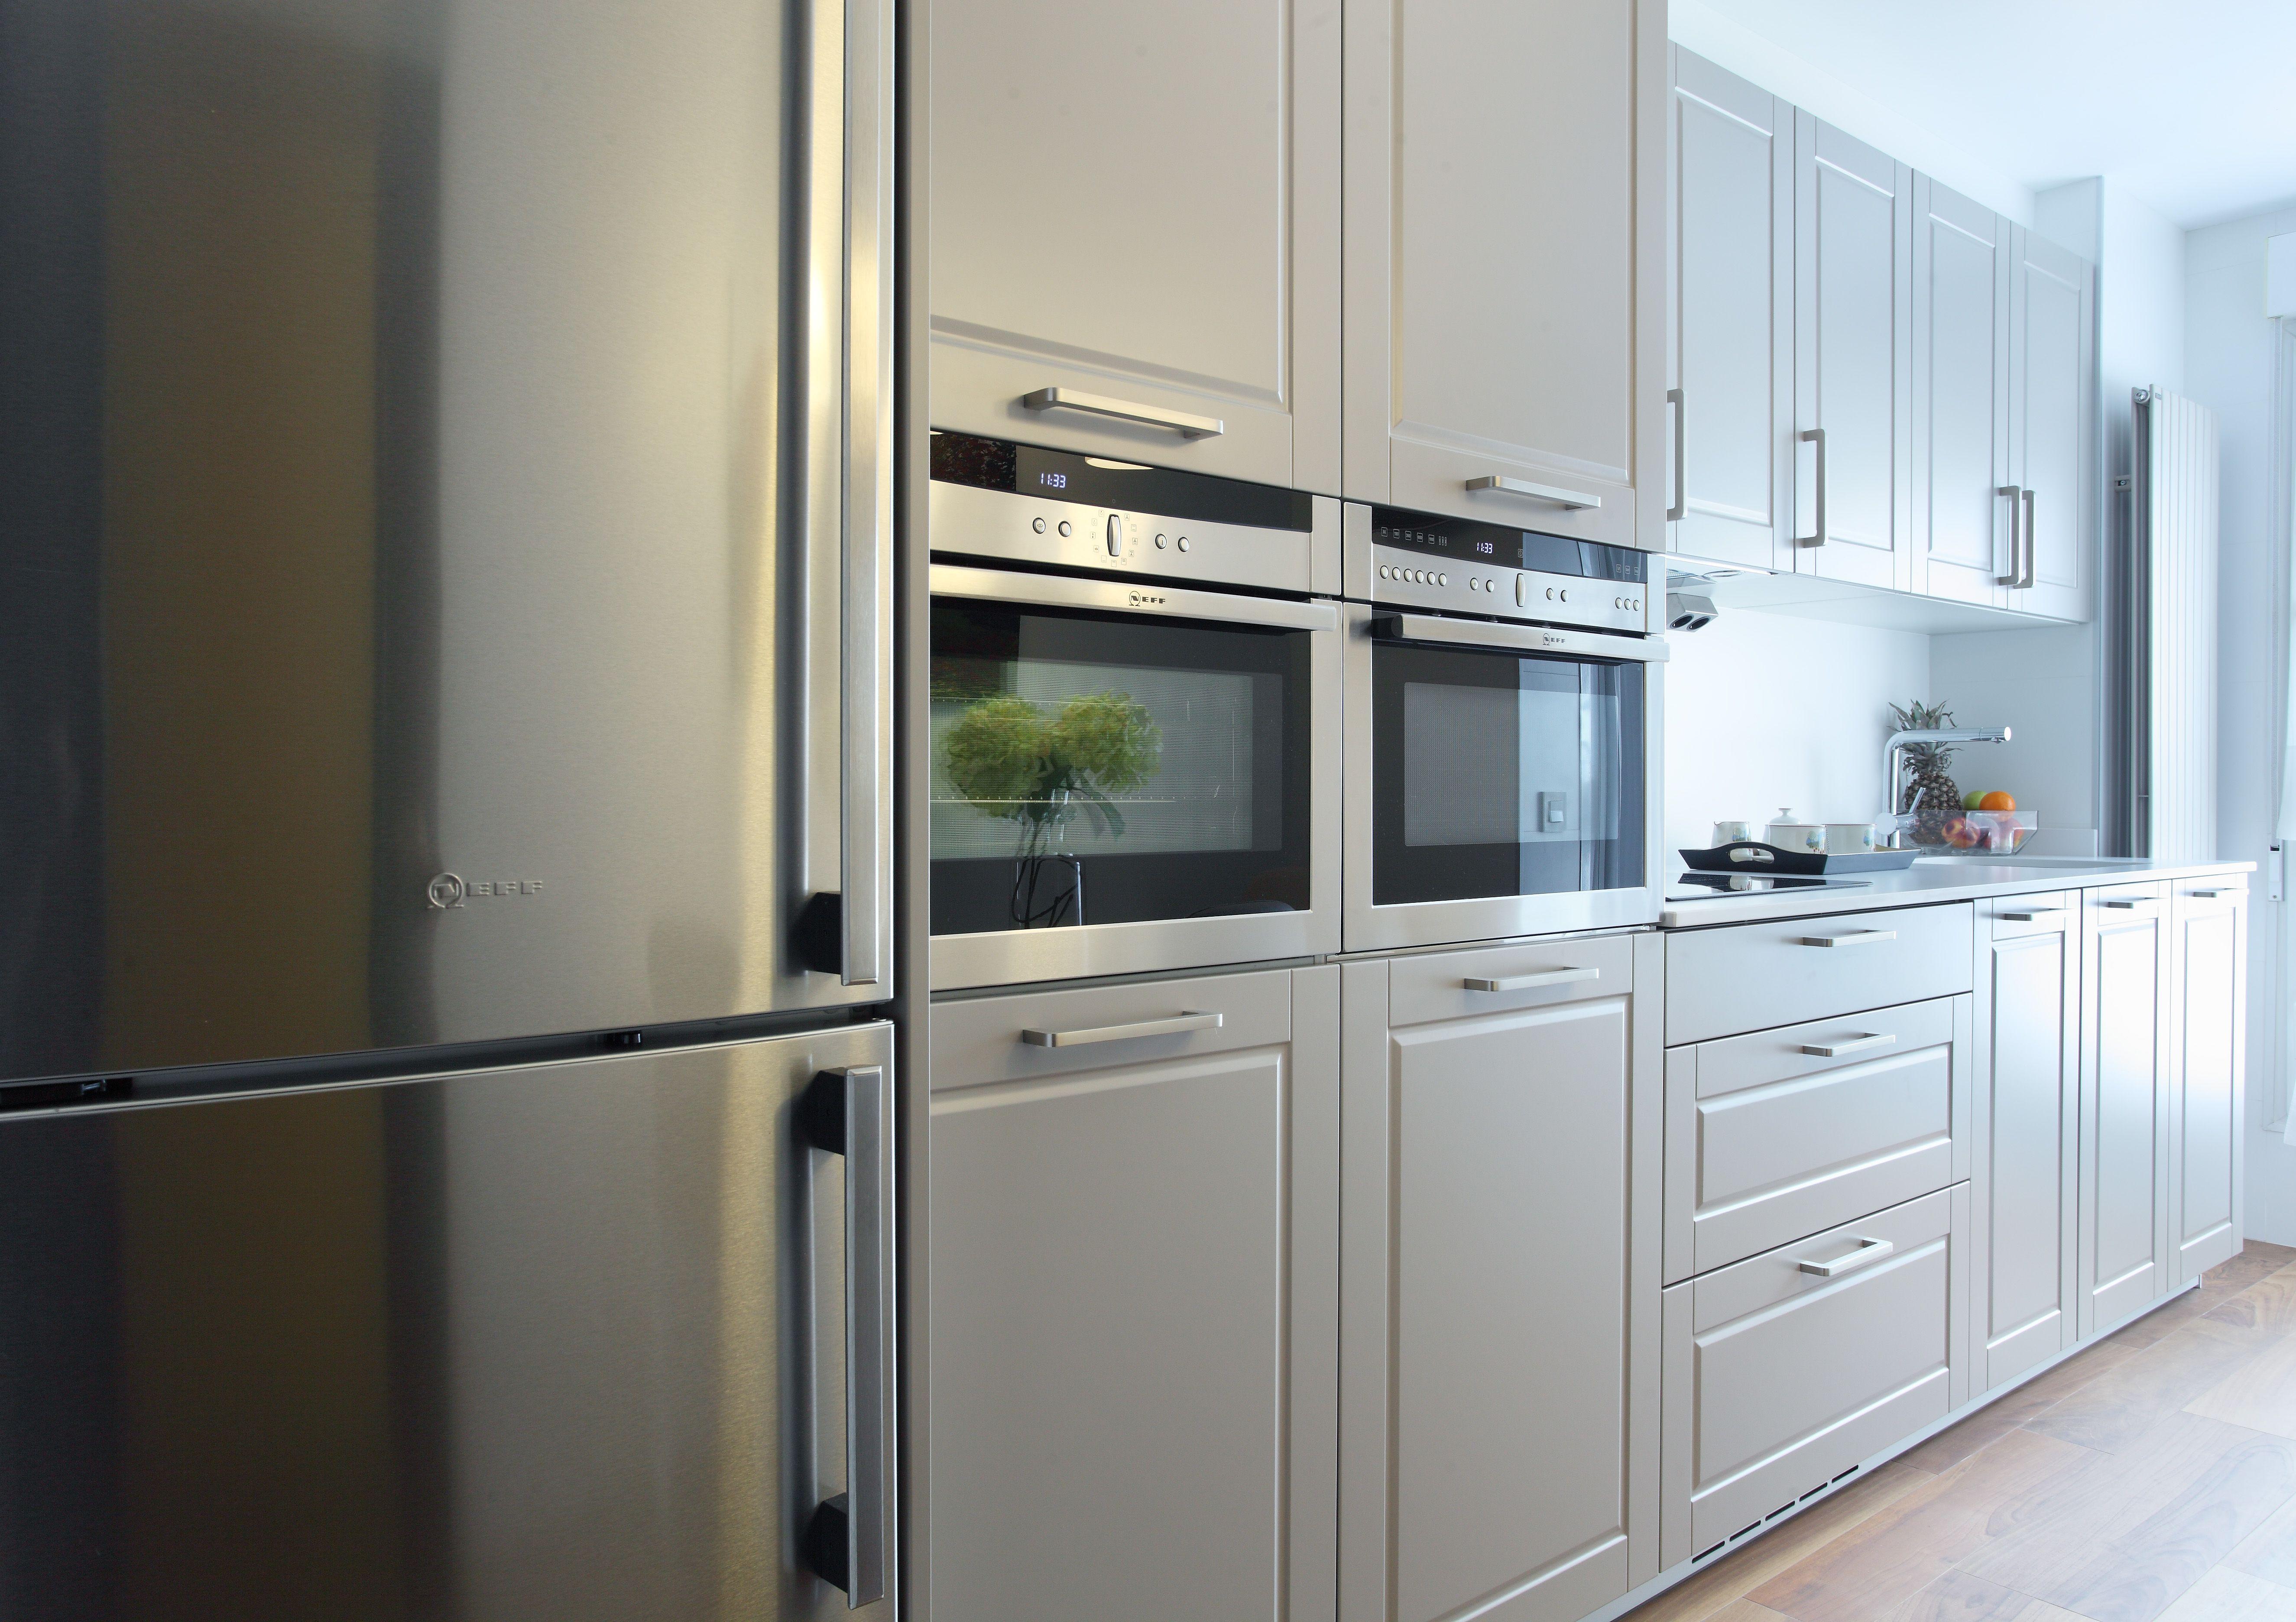 Cocina instalada en piso en Oviedo, SANTOS Mod. Epoca, conjunto de ...